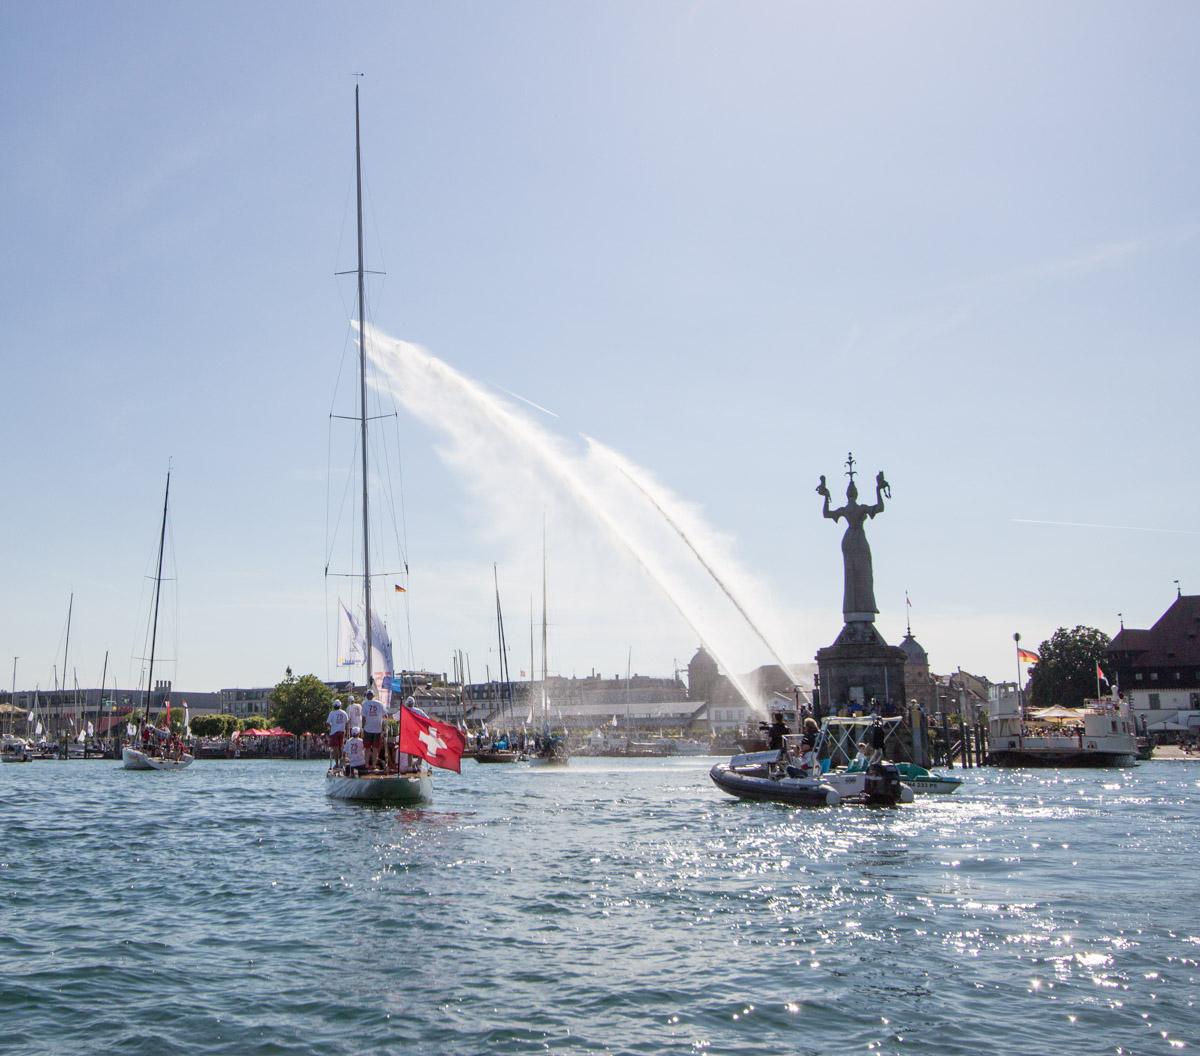 Ein großes Seefest für Segler, Ruderer und Besucher